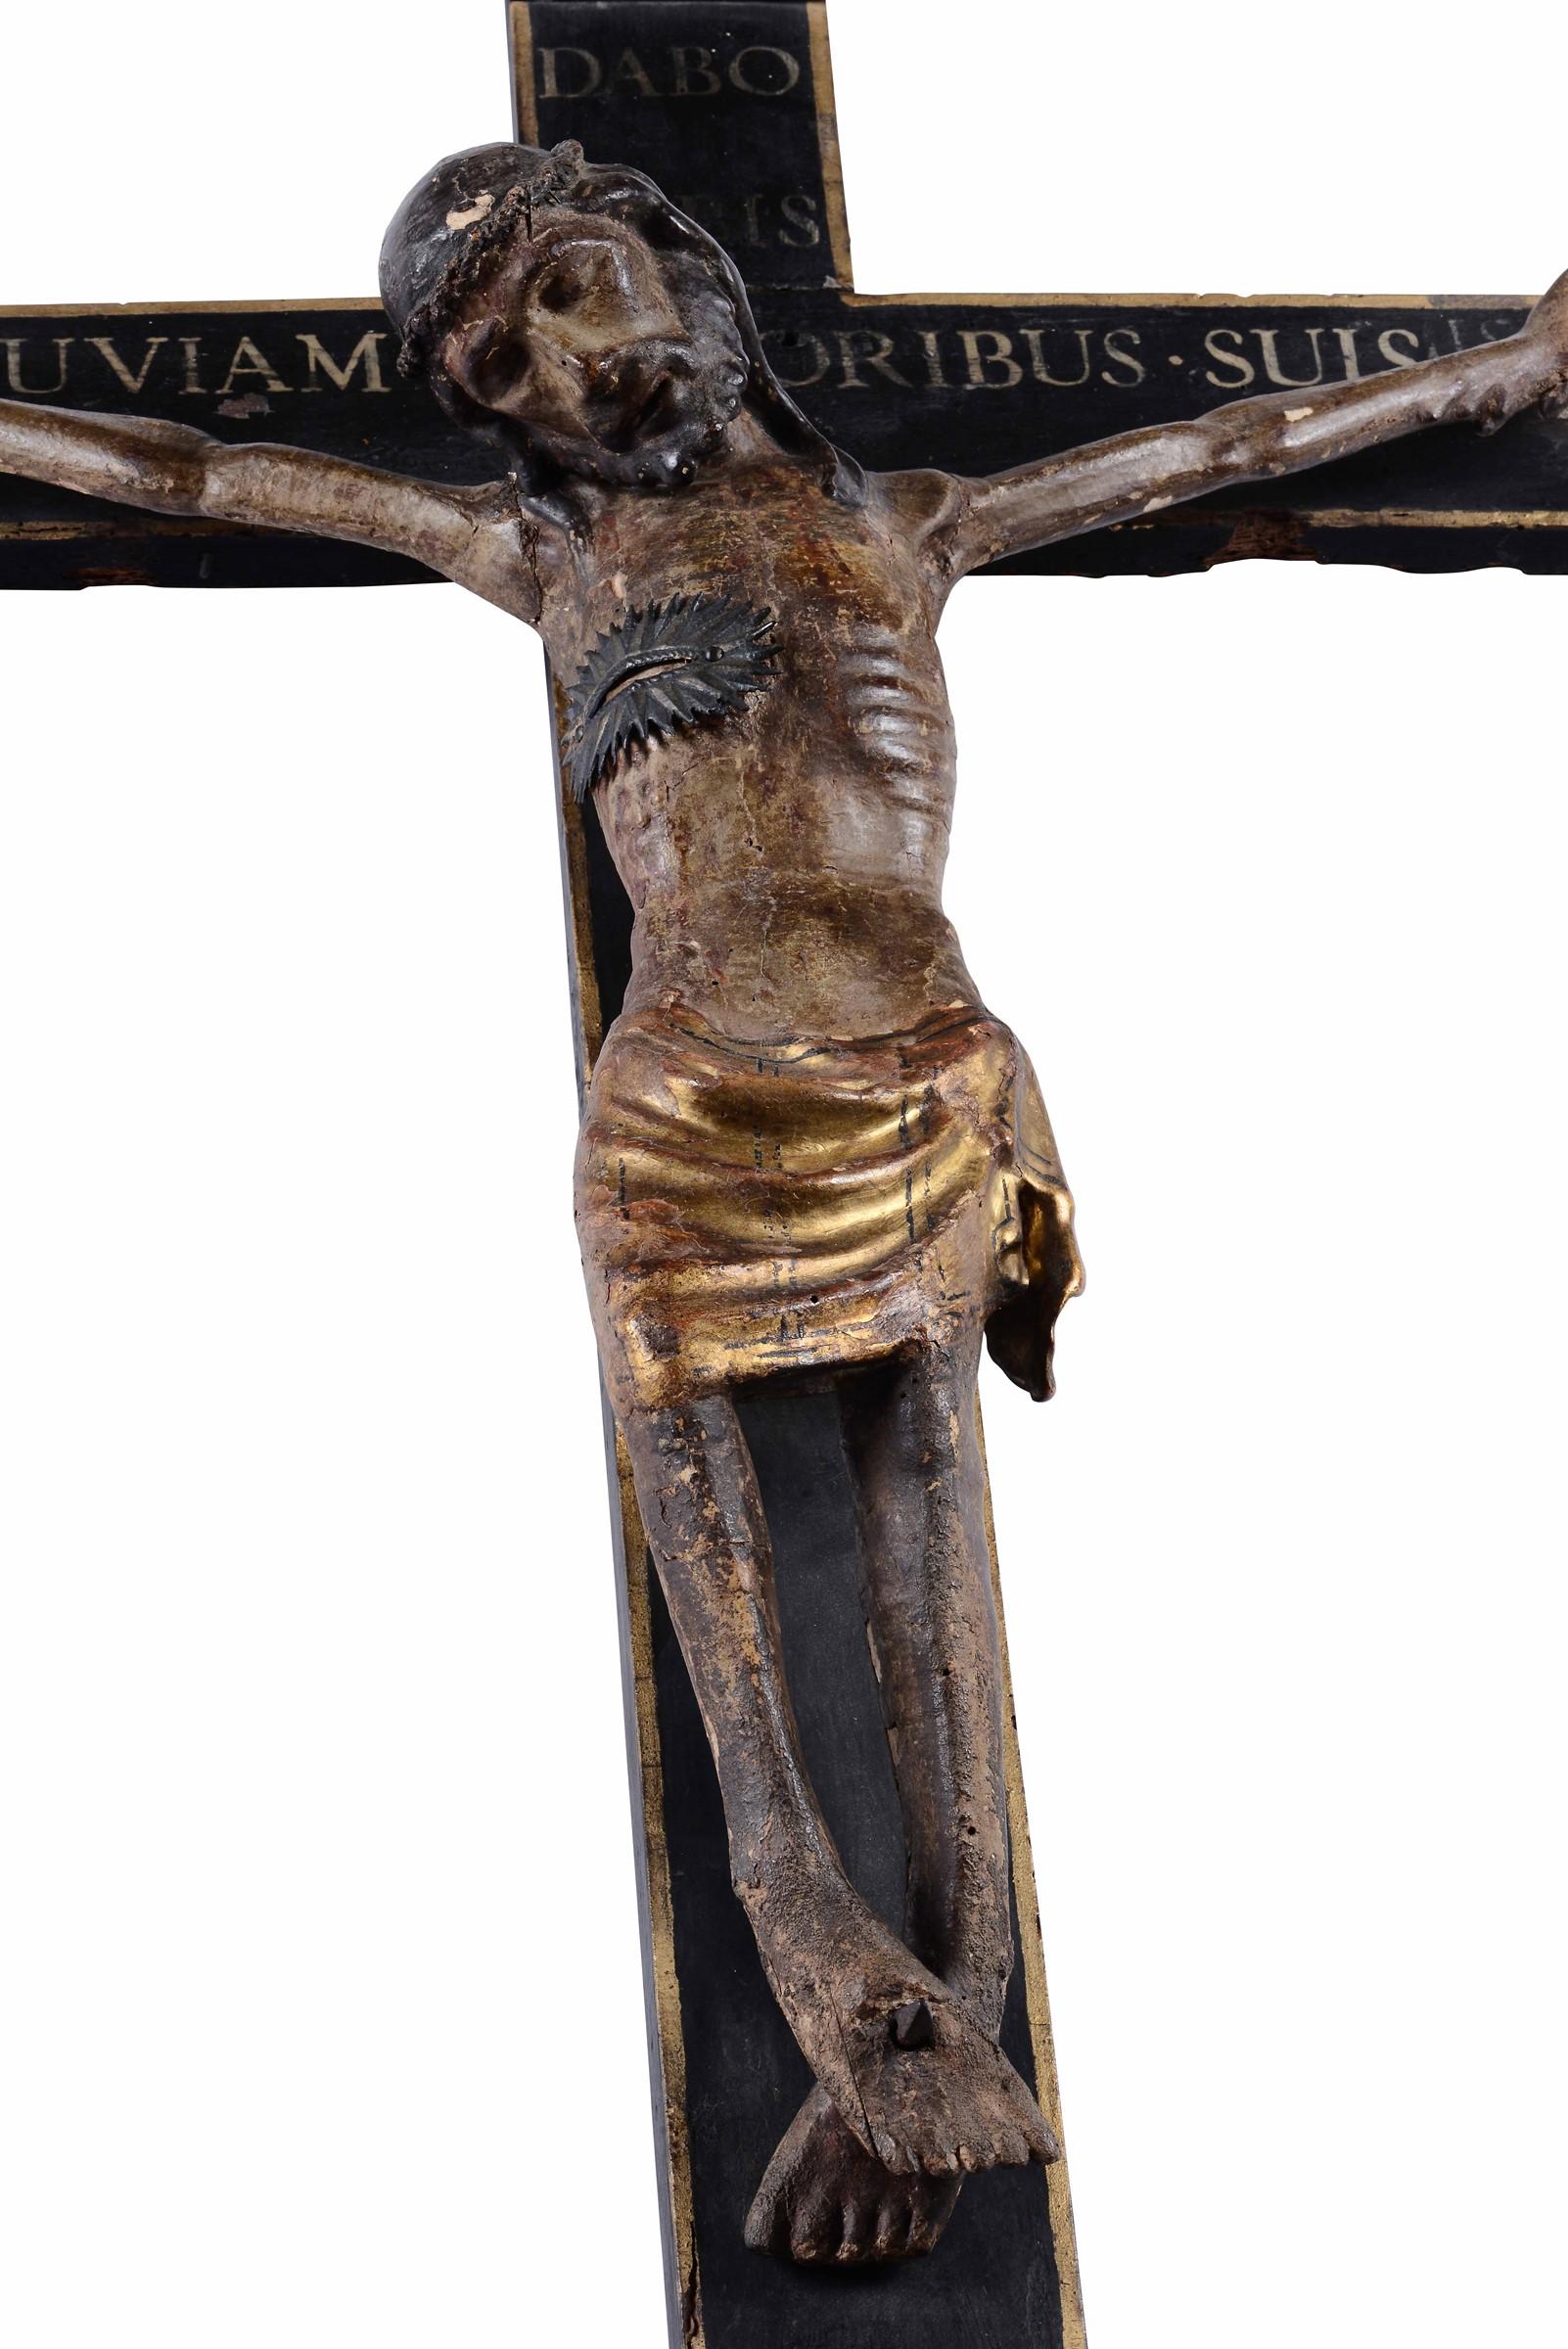 Lot 101 - Crocifisso ligneo, scultore toscano della fine del XIV, inizio XV secolo, - cm [...]